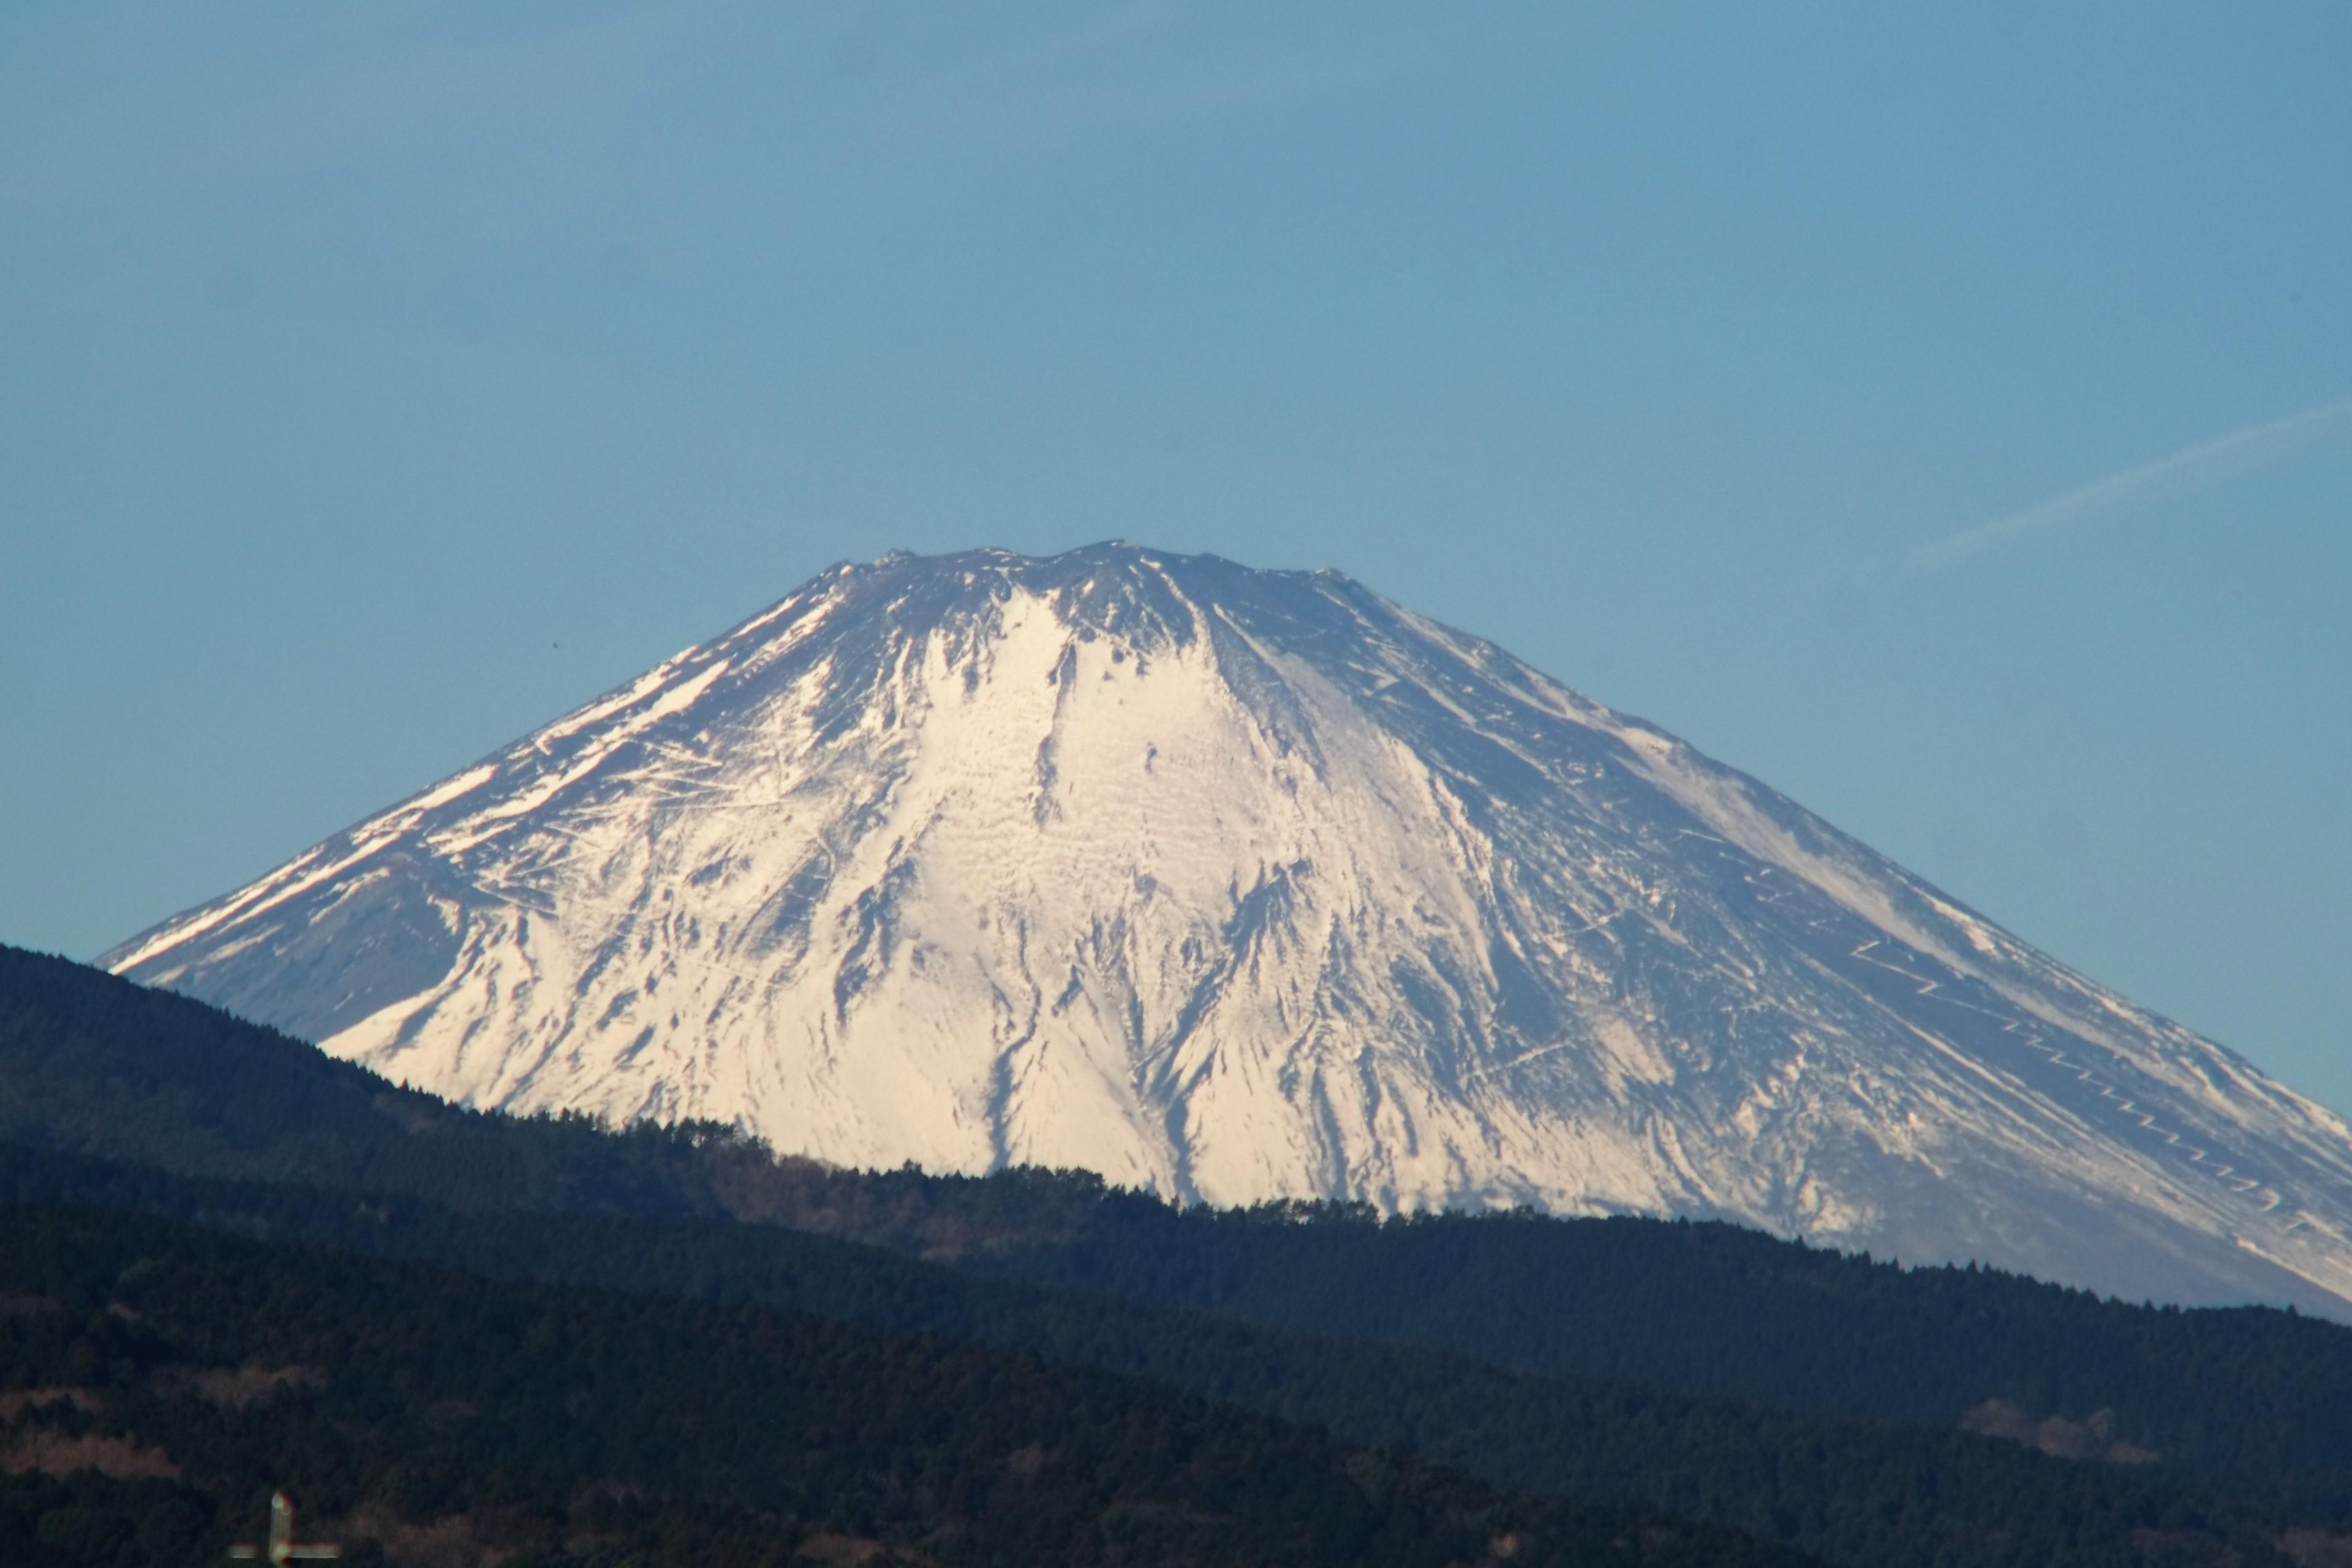 山頂に雪がないのは噴火の予兆?